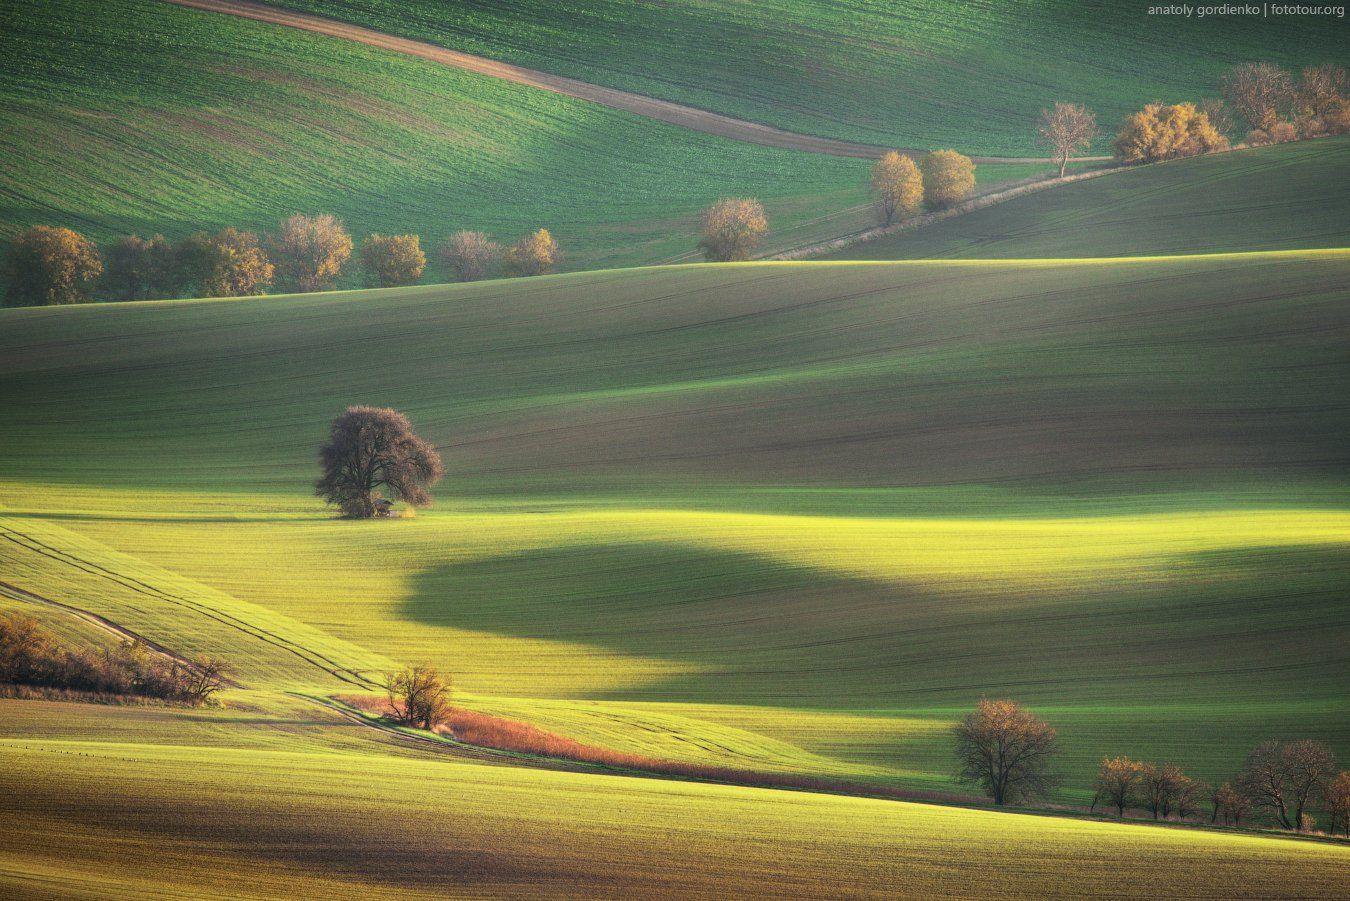 пейзаж, природа, дерево, моравия, чехия, осень, Анатолий Гордиенко www.fototour.org